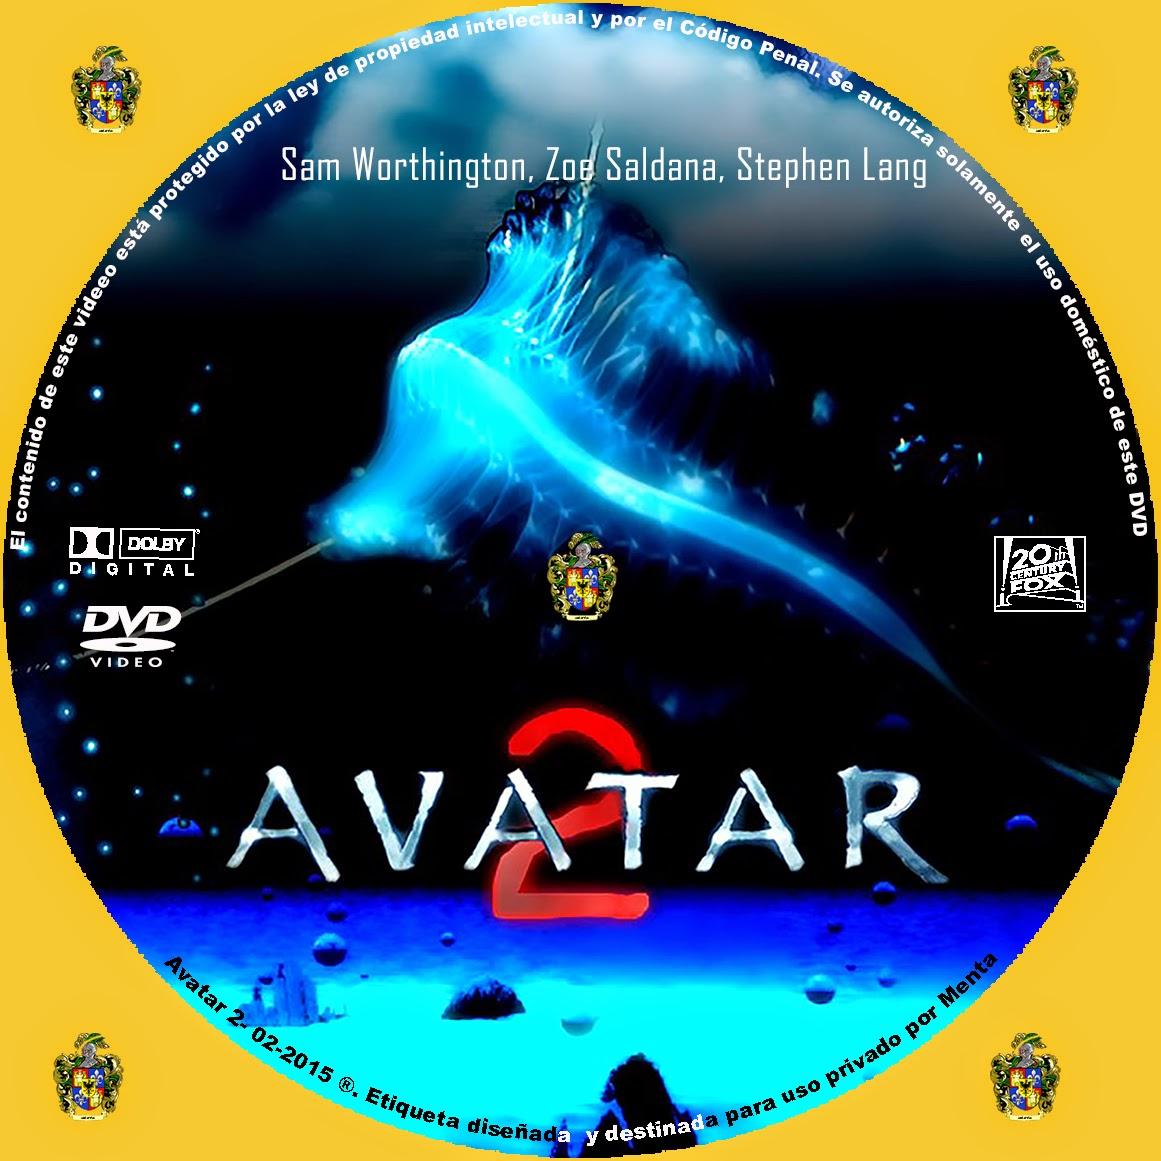 Avatar 2 Official Movie Trailer: Caratulas Y Etiquetas: Avatar 2